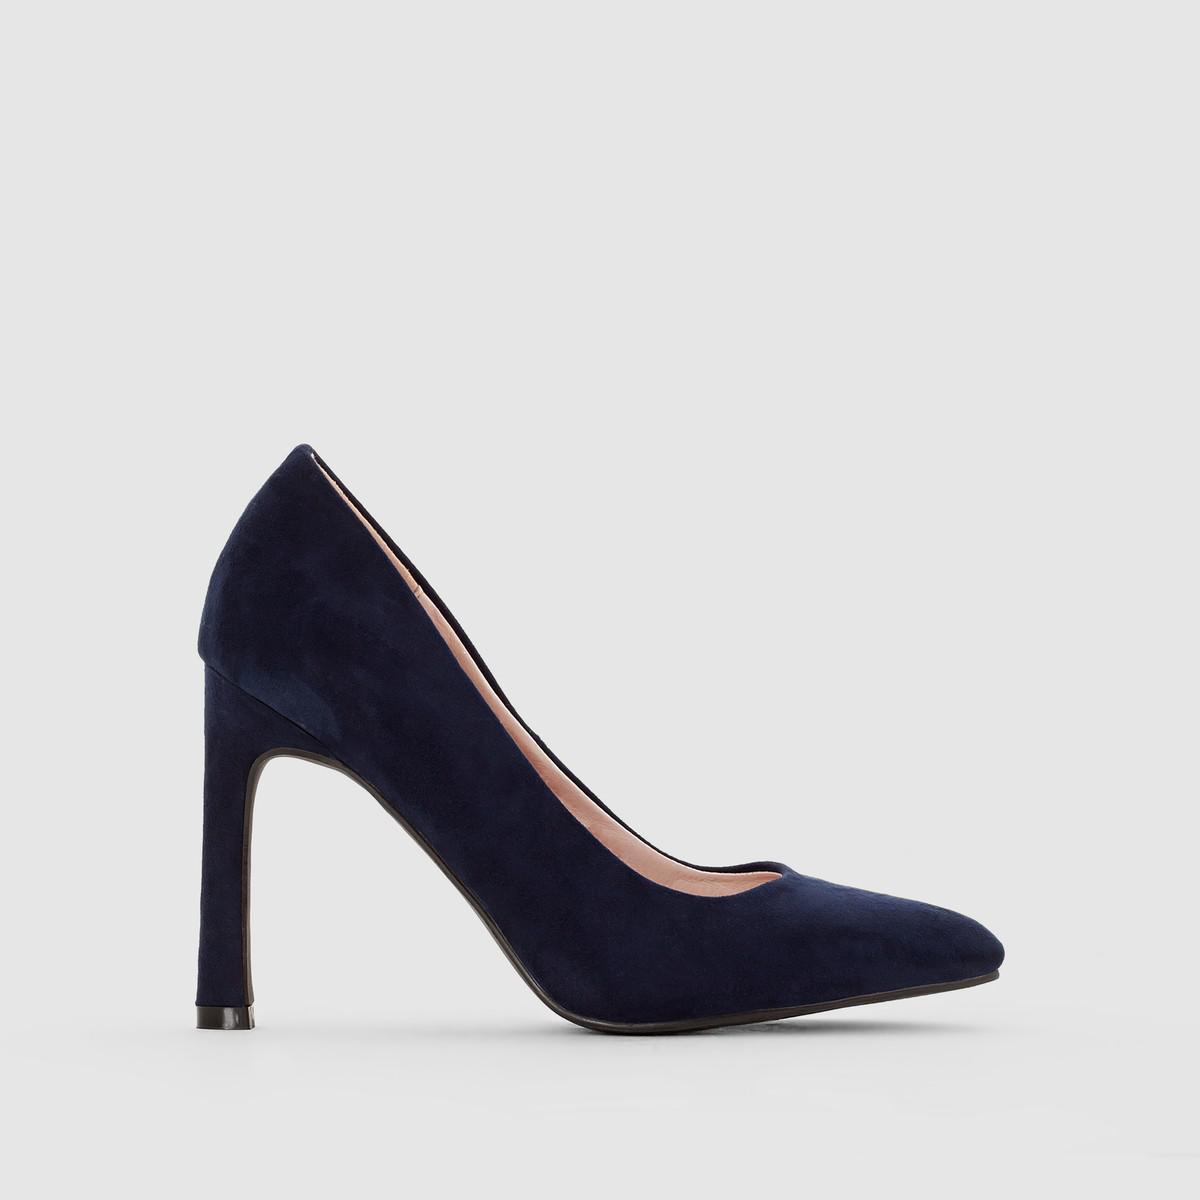 644409859d82 Lyst - La Redoute Pointed Heels in Blue